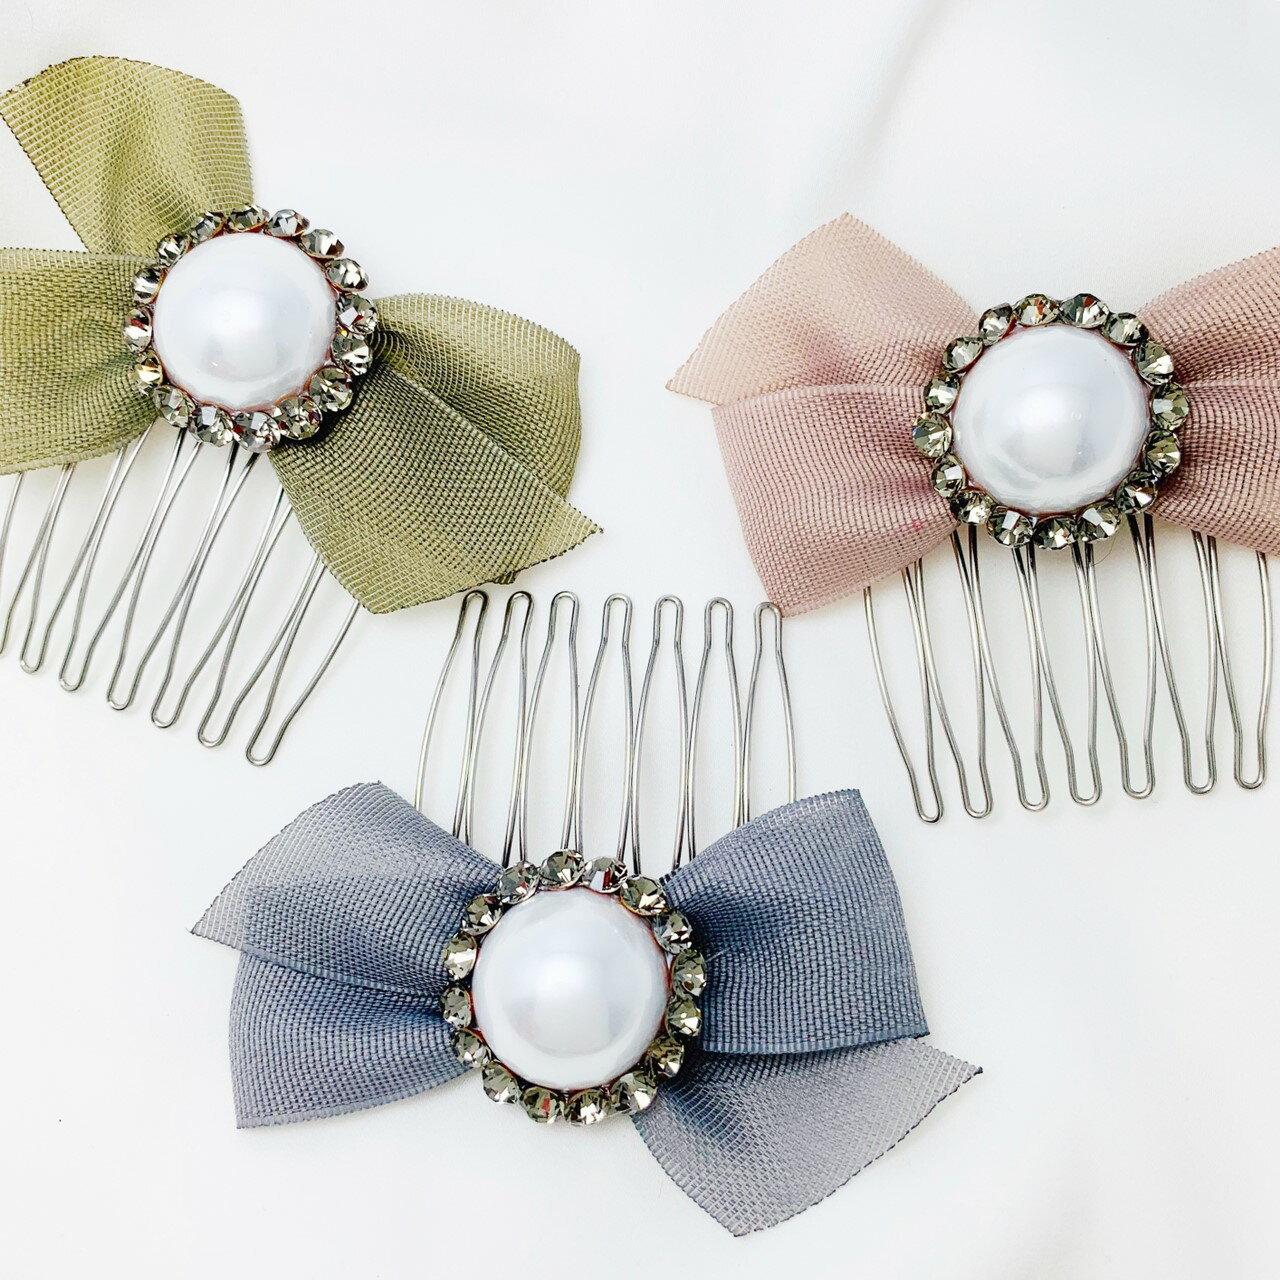 美人魚珍珠系列插梳 / 髮叉